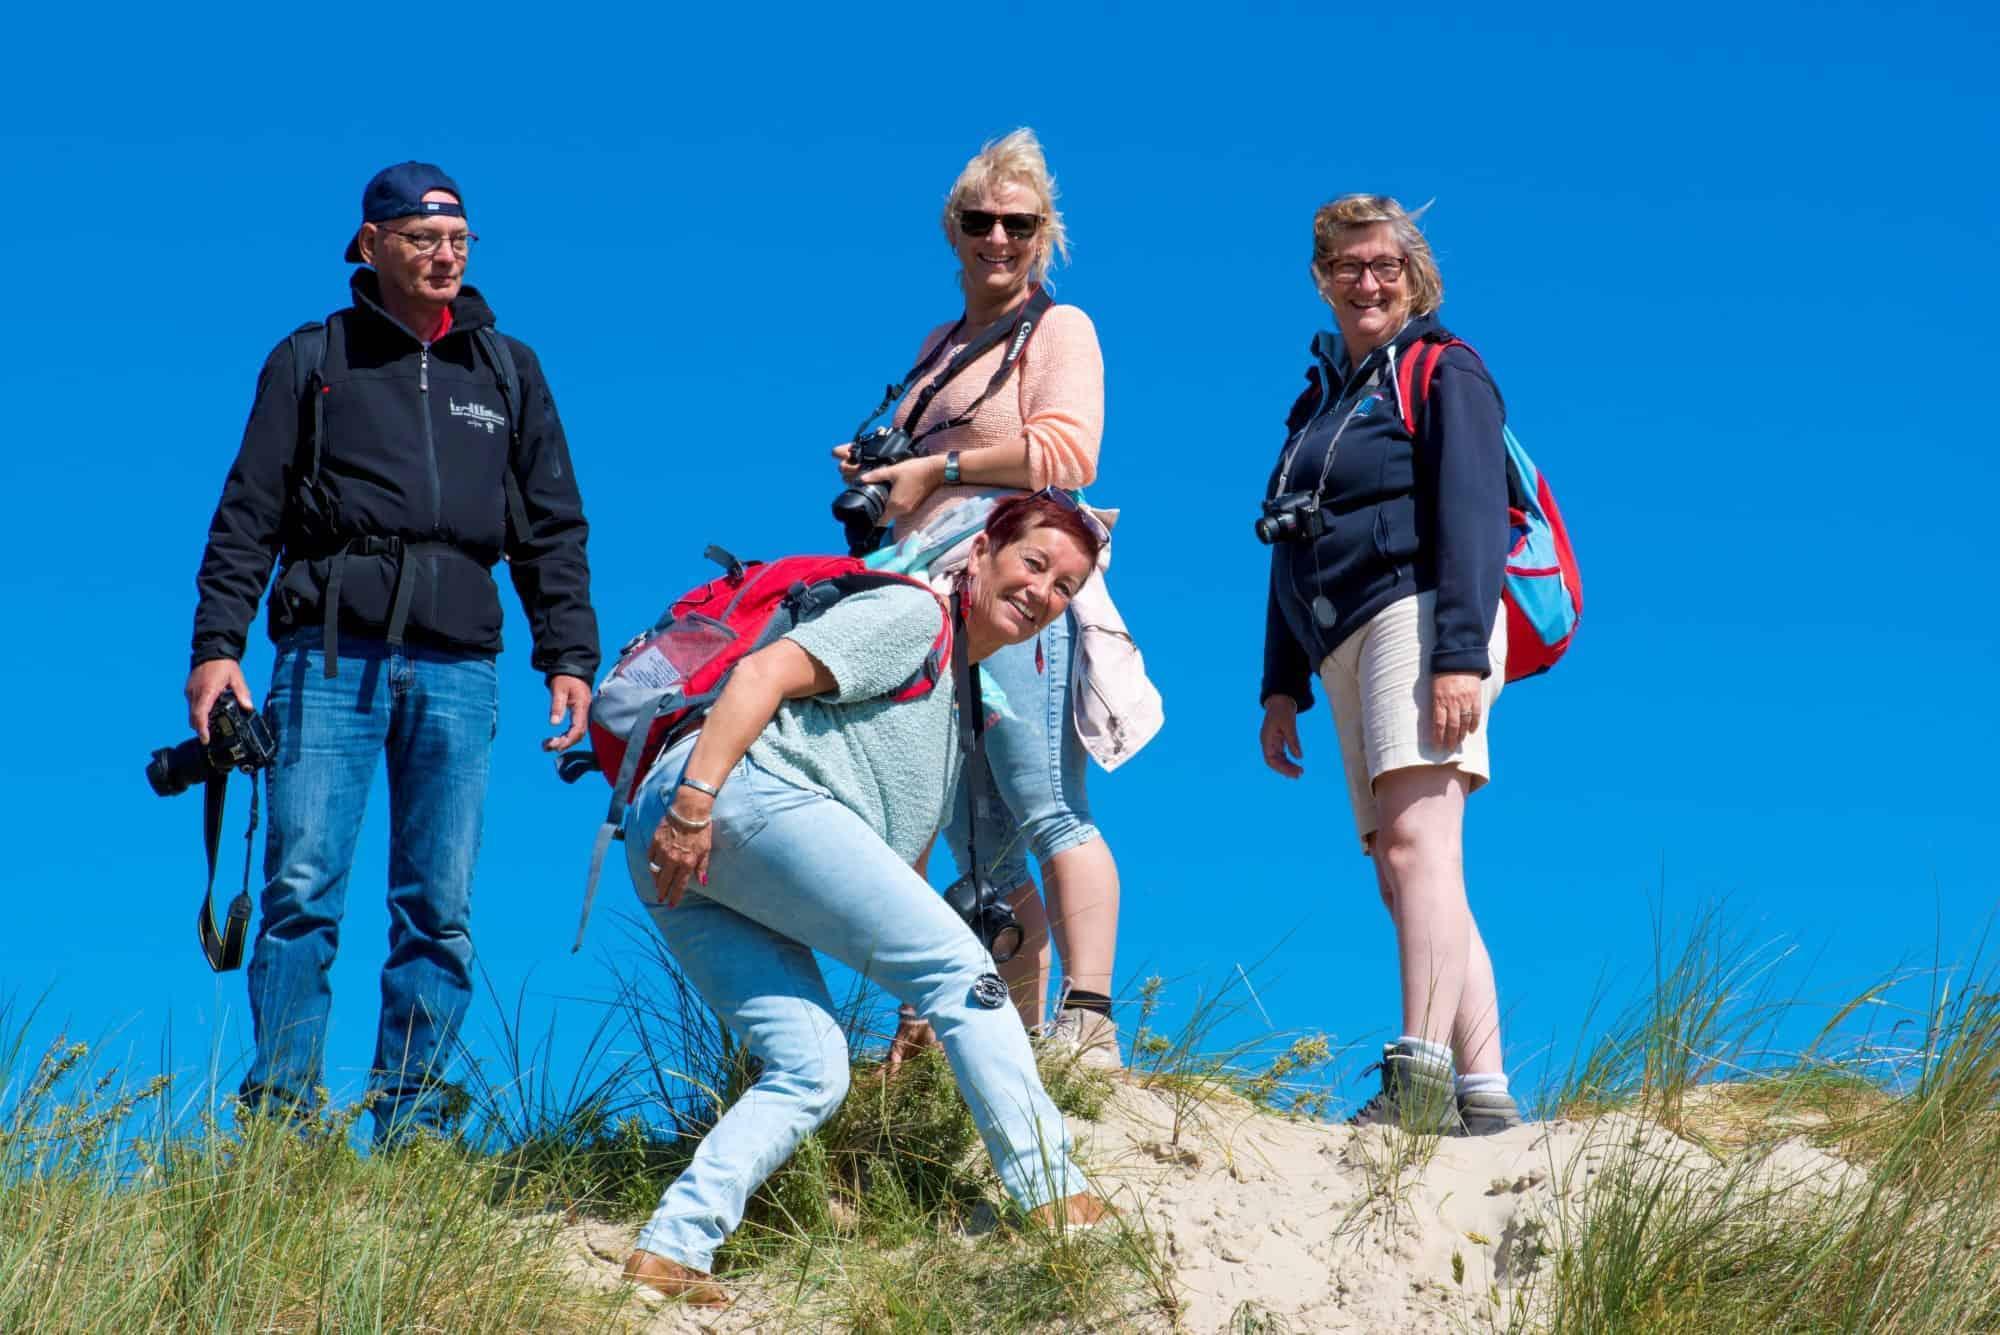 Deelnemers op een duin - fotoweekend Ameland